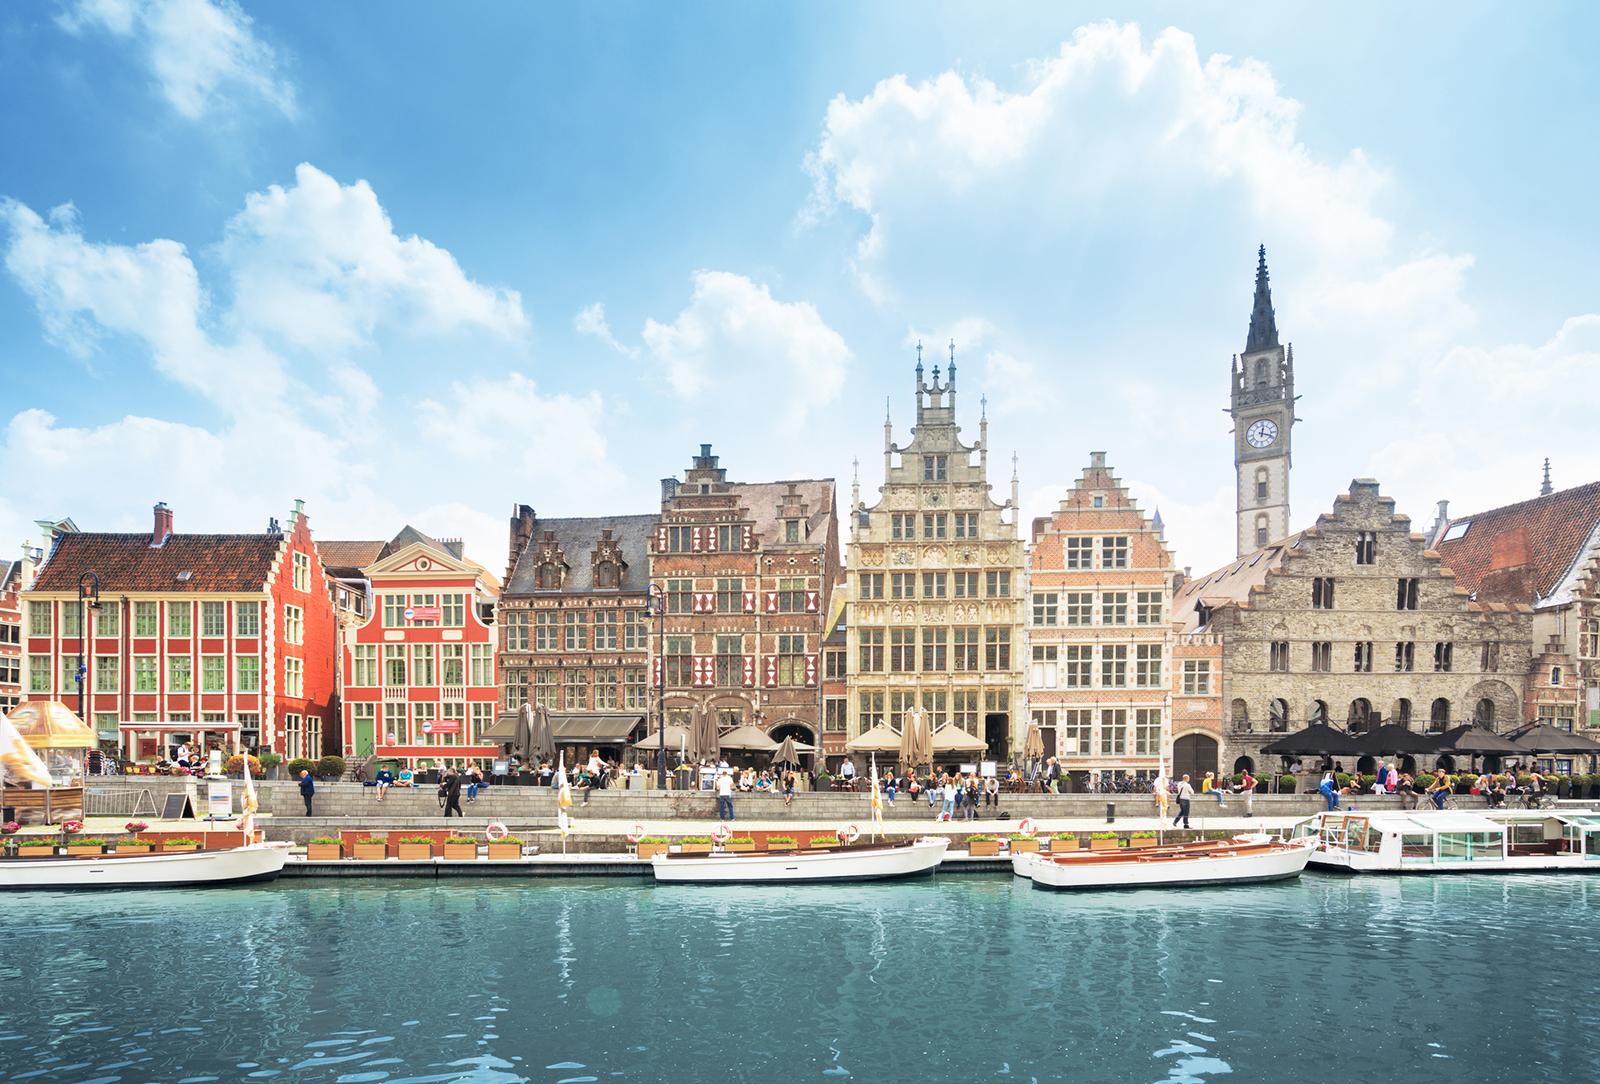 Rentabilité du photovoltaïque en Flandre